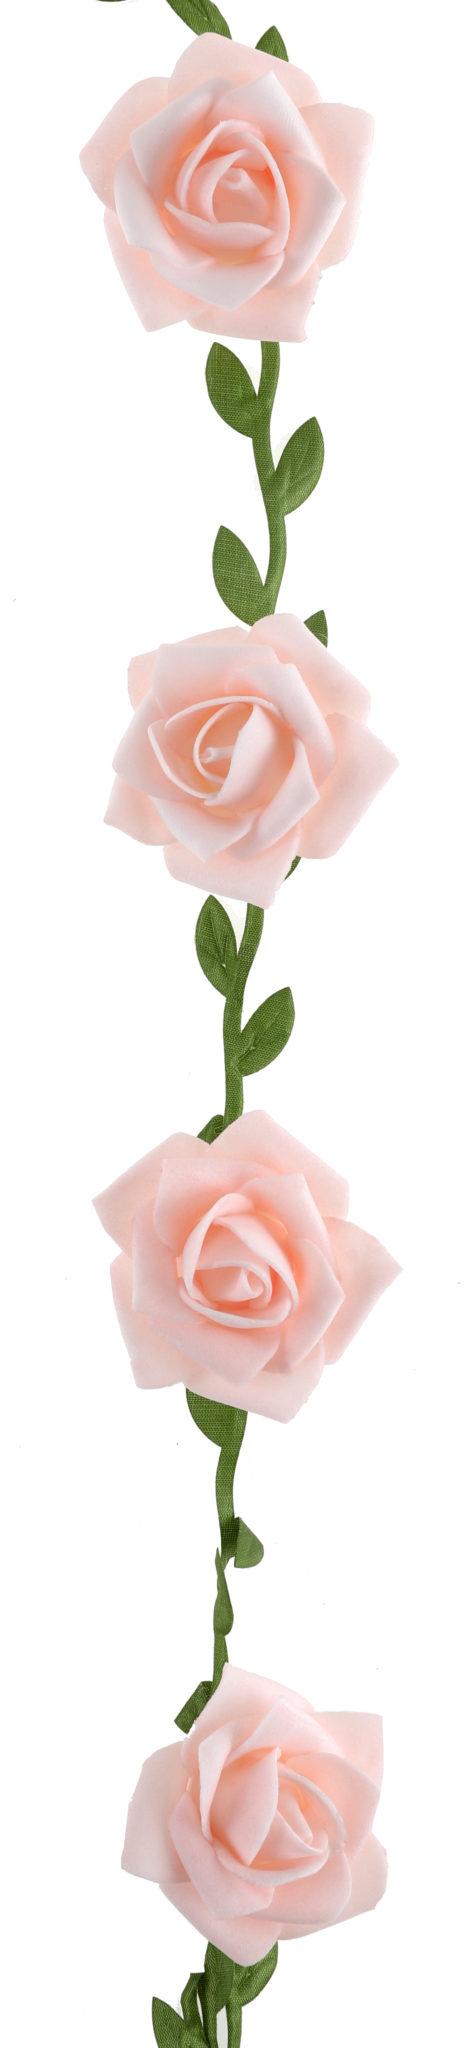 Festivitré 6887 5 Rose 1